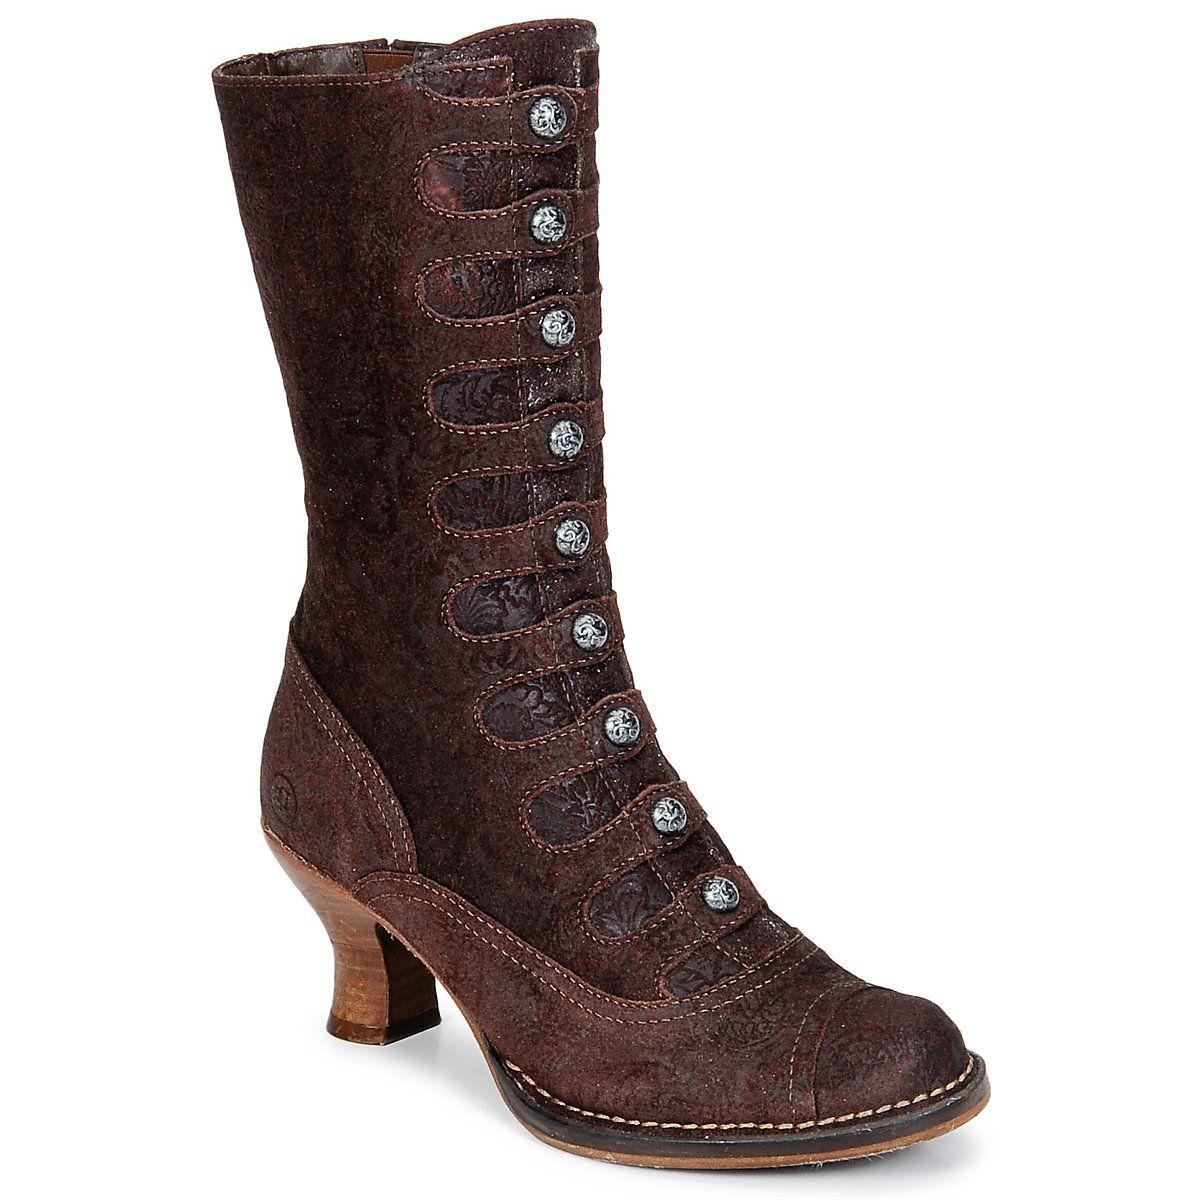 d4134f4f Botines Neosens ROCOCO BAL Marrón - Entrega gratuita con Spartoo.es ! - Zapatos  Mujer 156,80 €